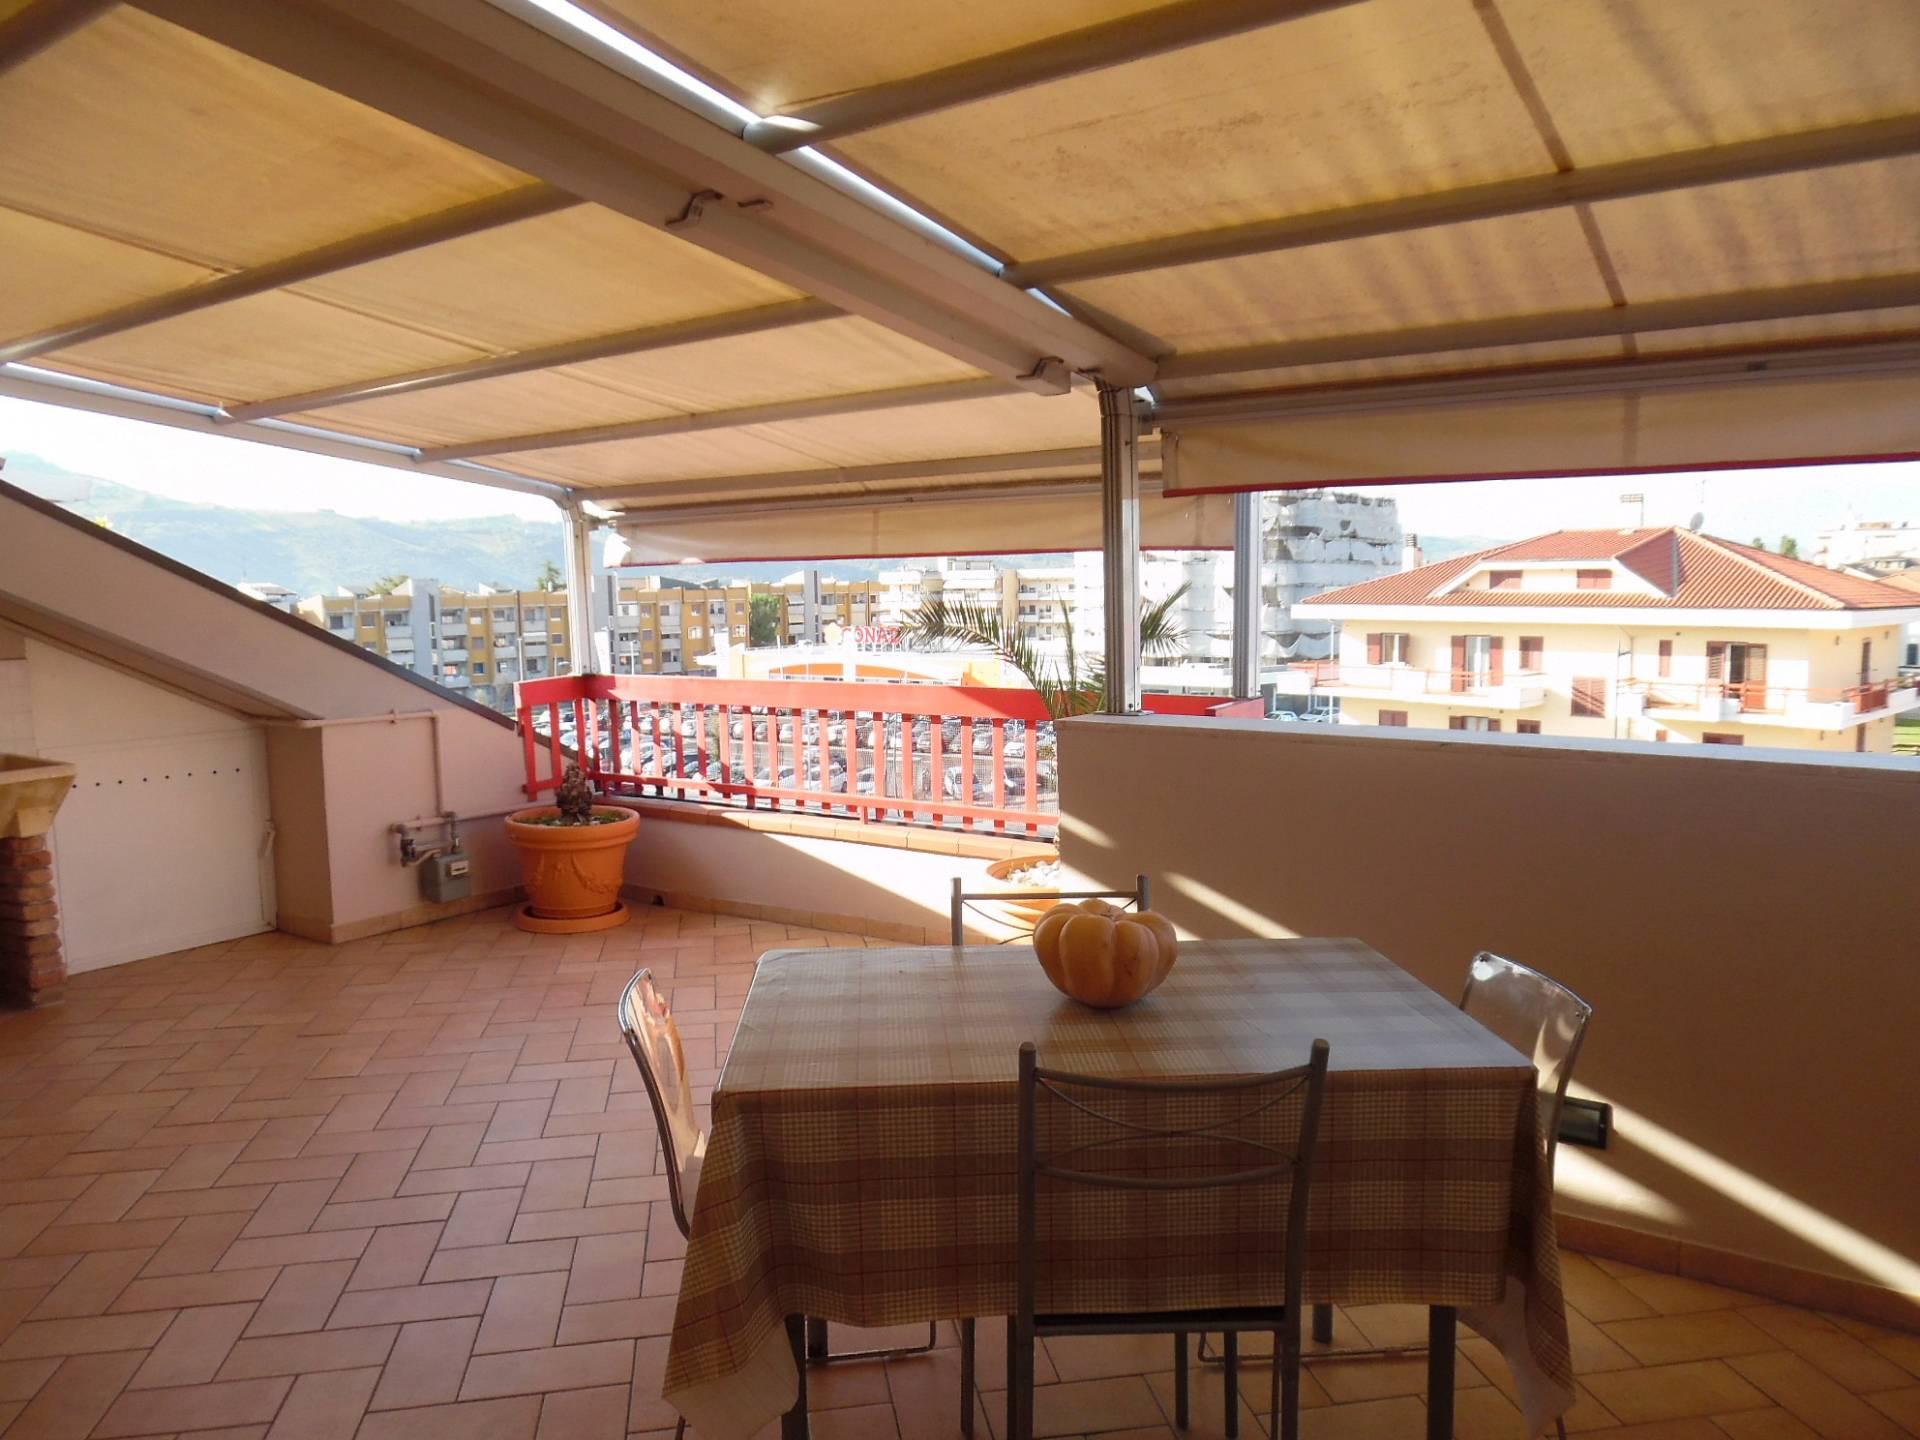 Appartamento in vendita a Monteprandone, 3 locali, zona obuchi, prezzo € 110.000   PortaleAgenzieImmobiliari.it